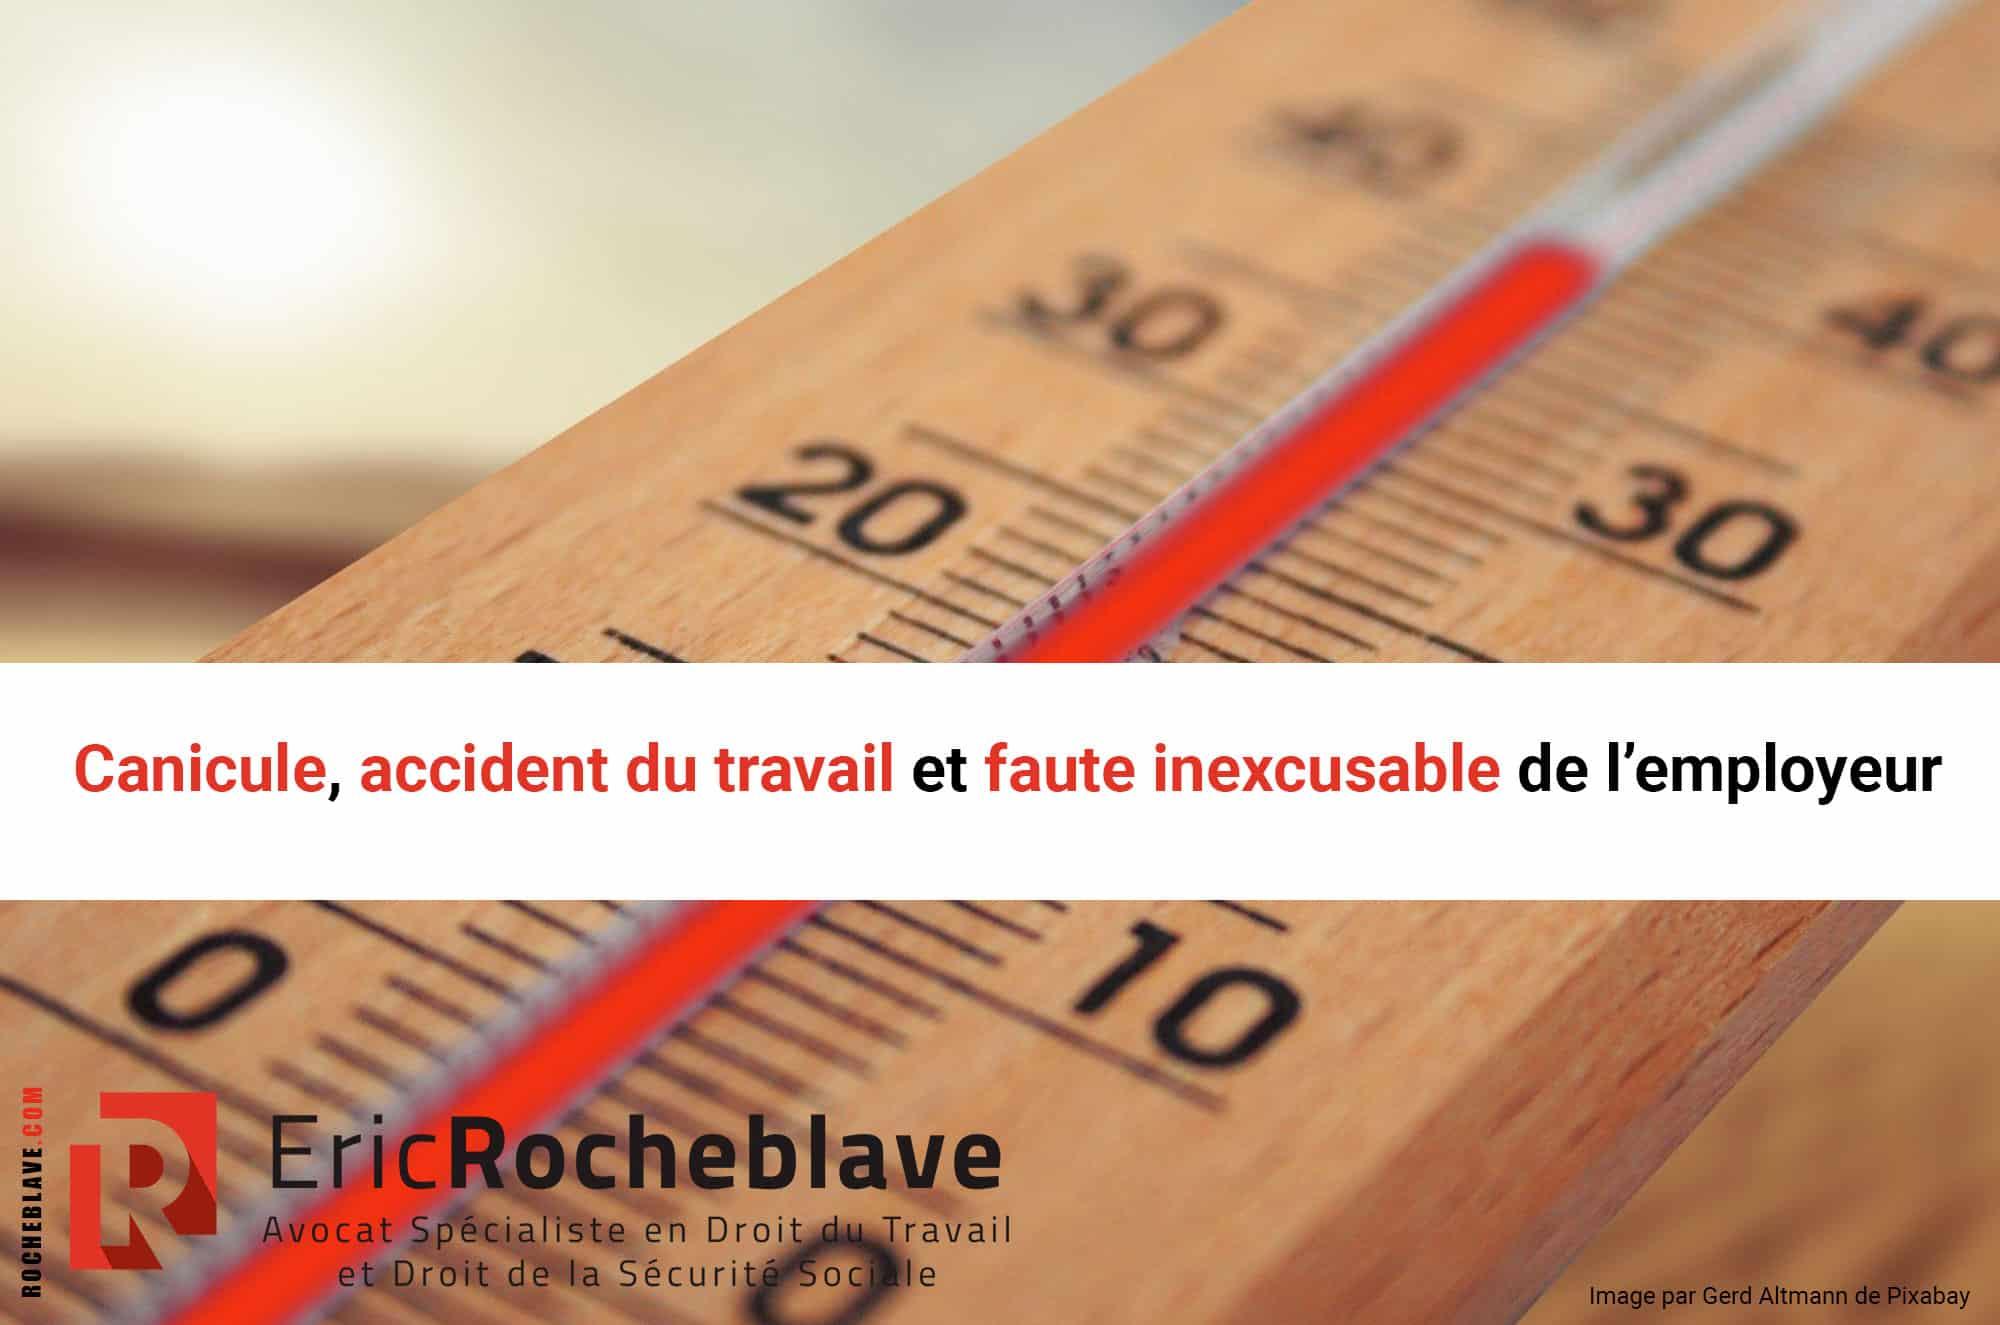 Canicule, accident du travail et faute inexcusable de l'employeur